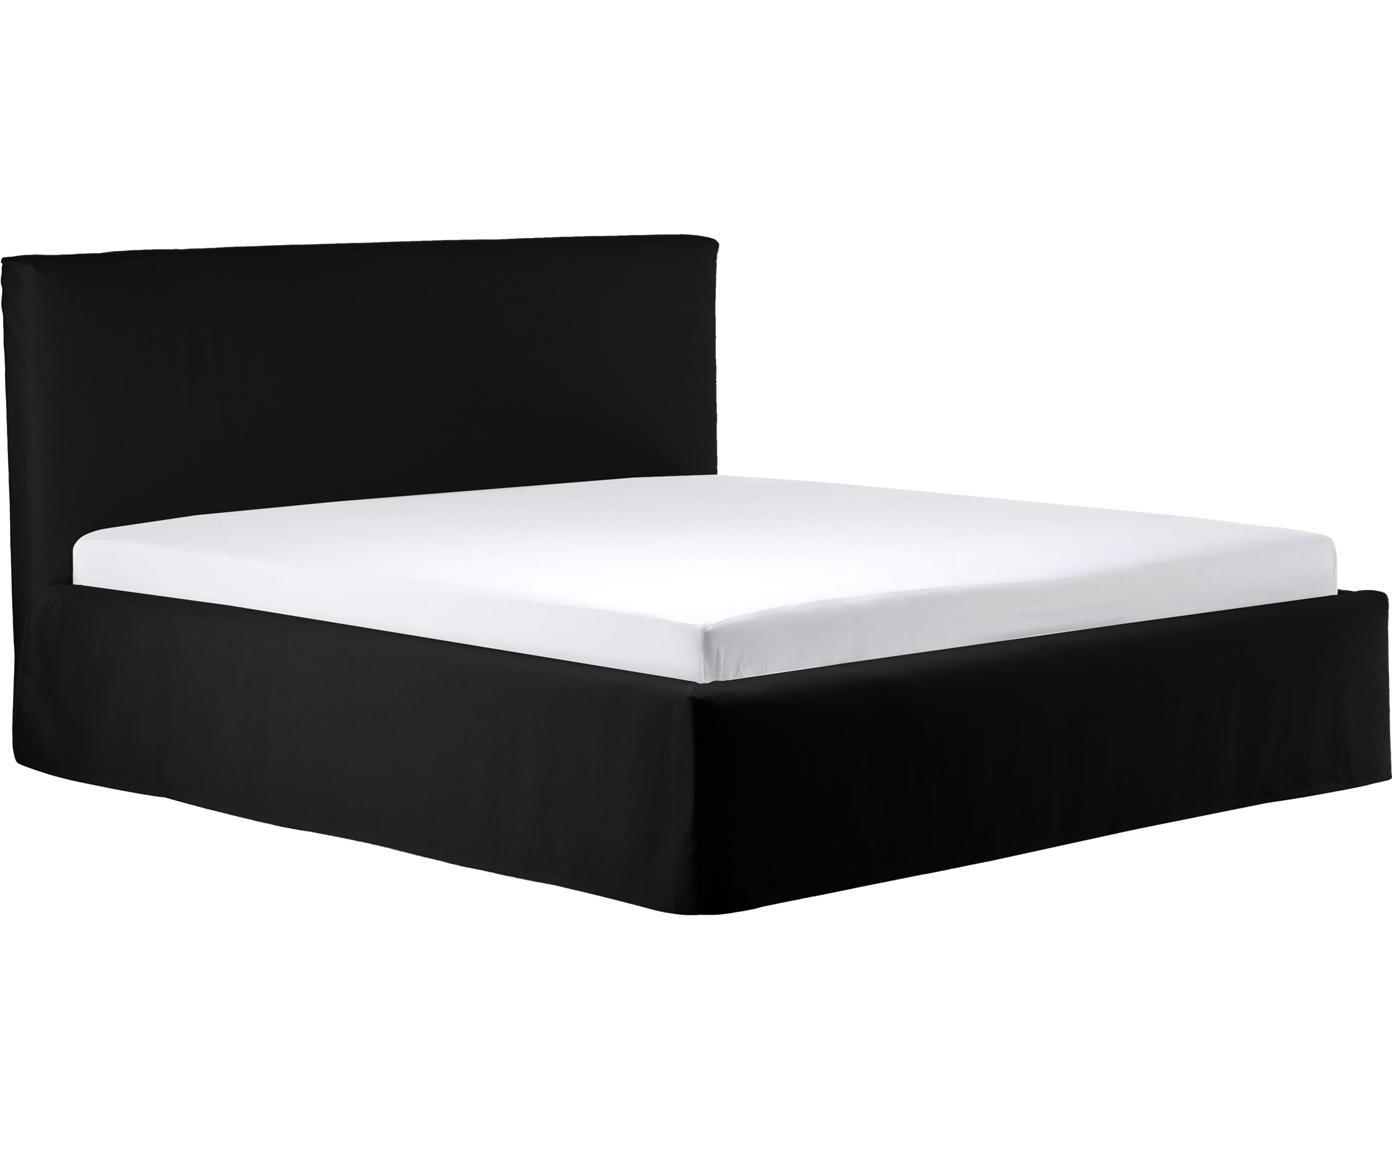 Łóżko tapicerowane ze schowkiem Feather, Korpus: lite drewno sosnowe, Tapicerka: poliester (materiał tekst, Antracytowy, 180 x 200 cm